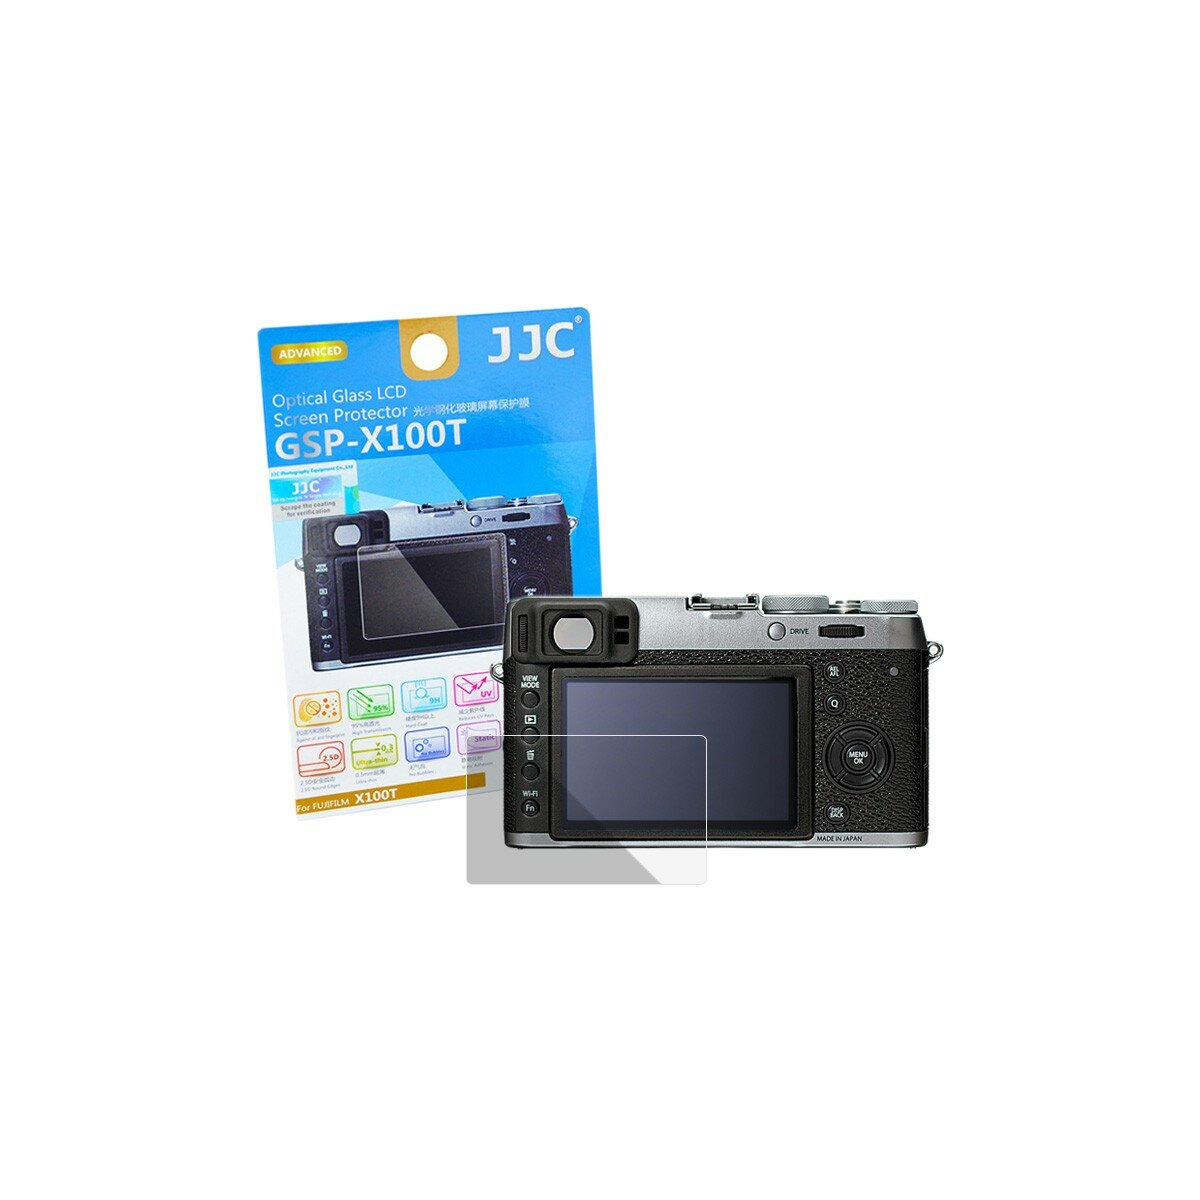 Hochwertiger Displayschutz Screen Protector aus gehaertetem Echtglas, passend fuer Fujifilm X100T